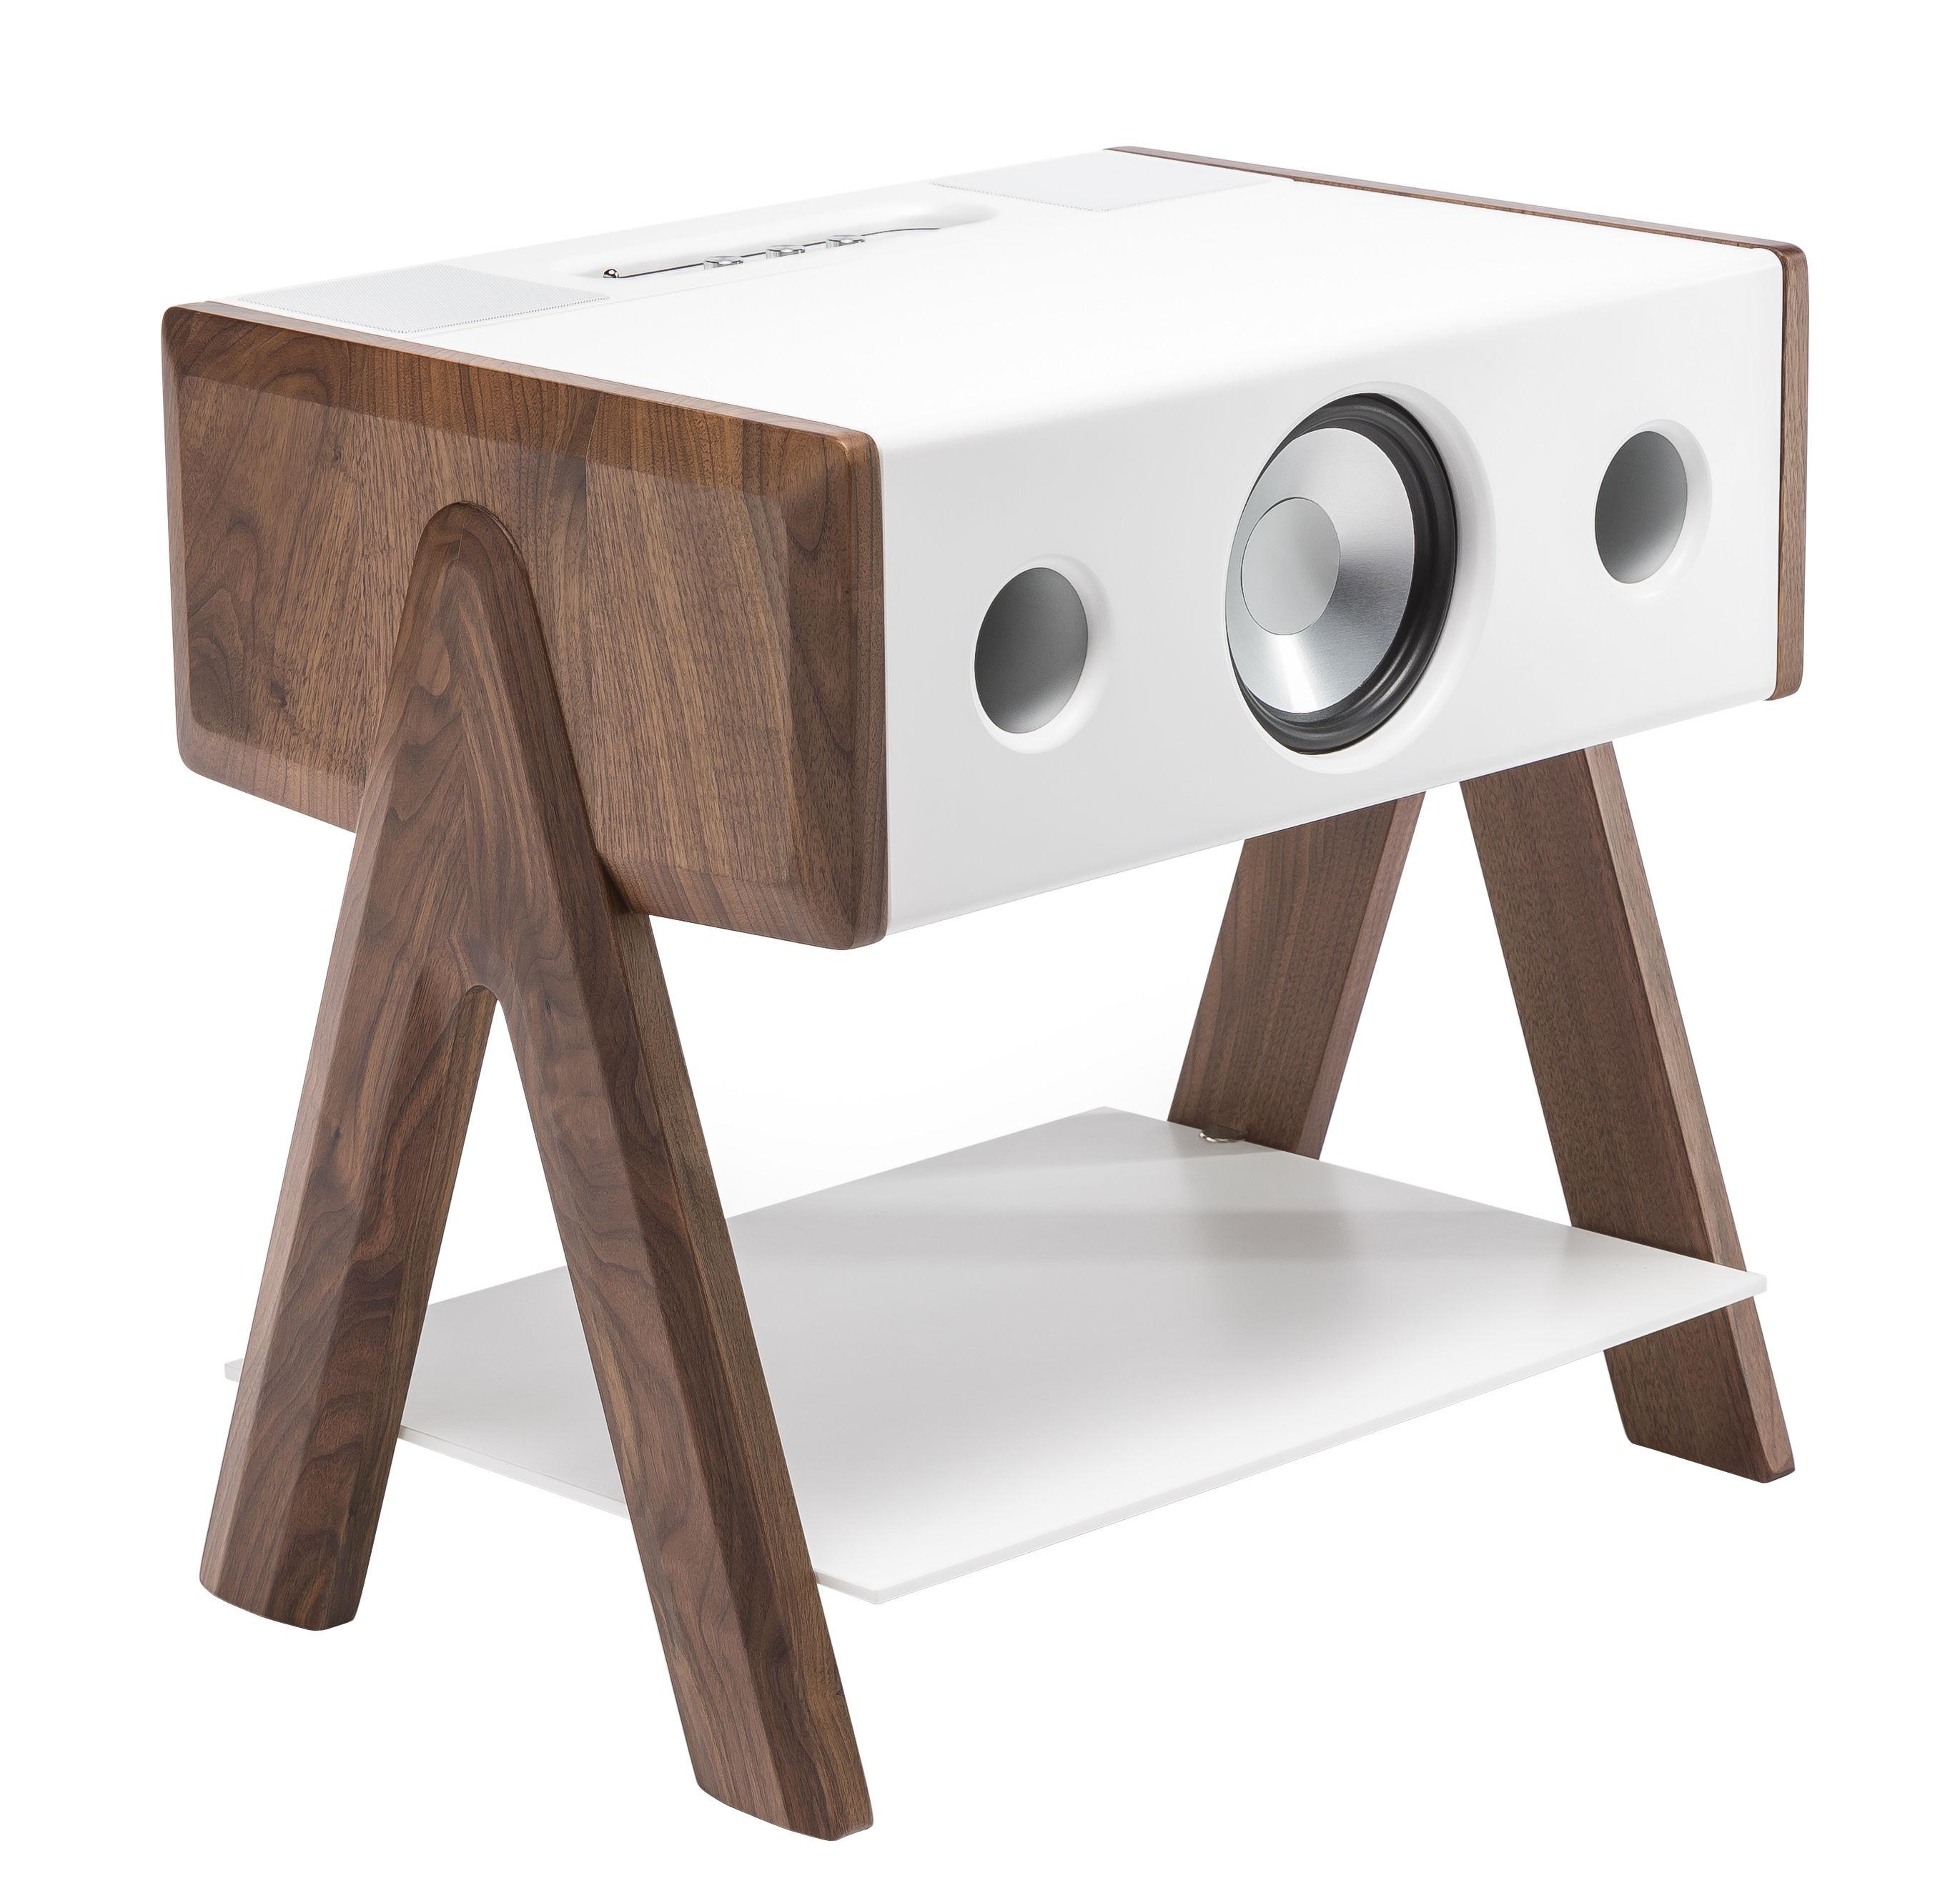 La boutique de Noël - Les iconiques vintage - Enceinte Bluetooth Cube / Corian® - La Boîte Concept - Corian blanc & noyer - Corian, Noyer